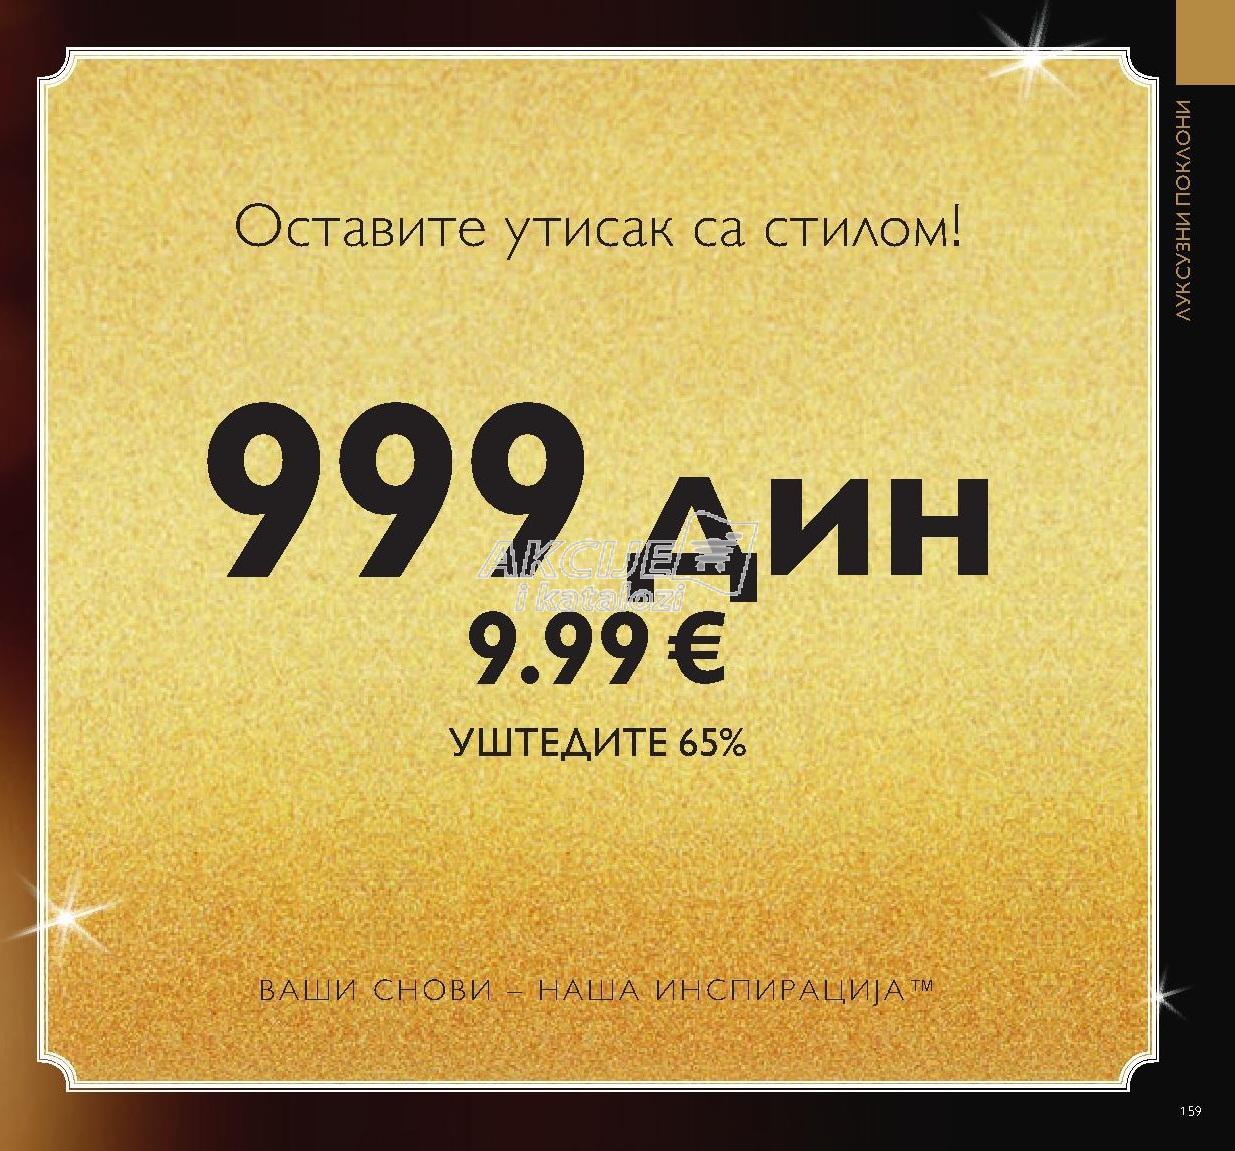 Oriflame akcija super cena